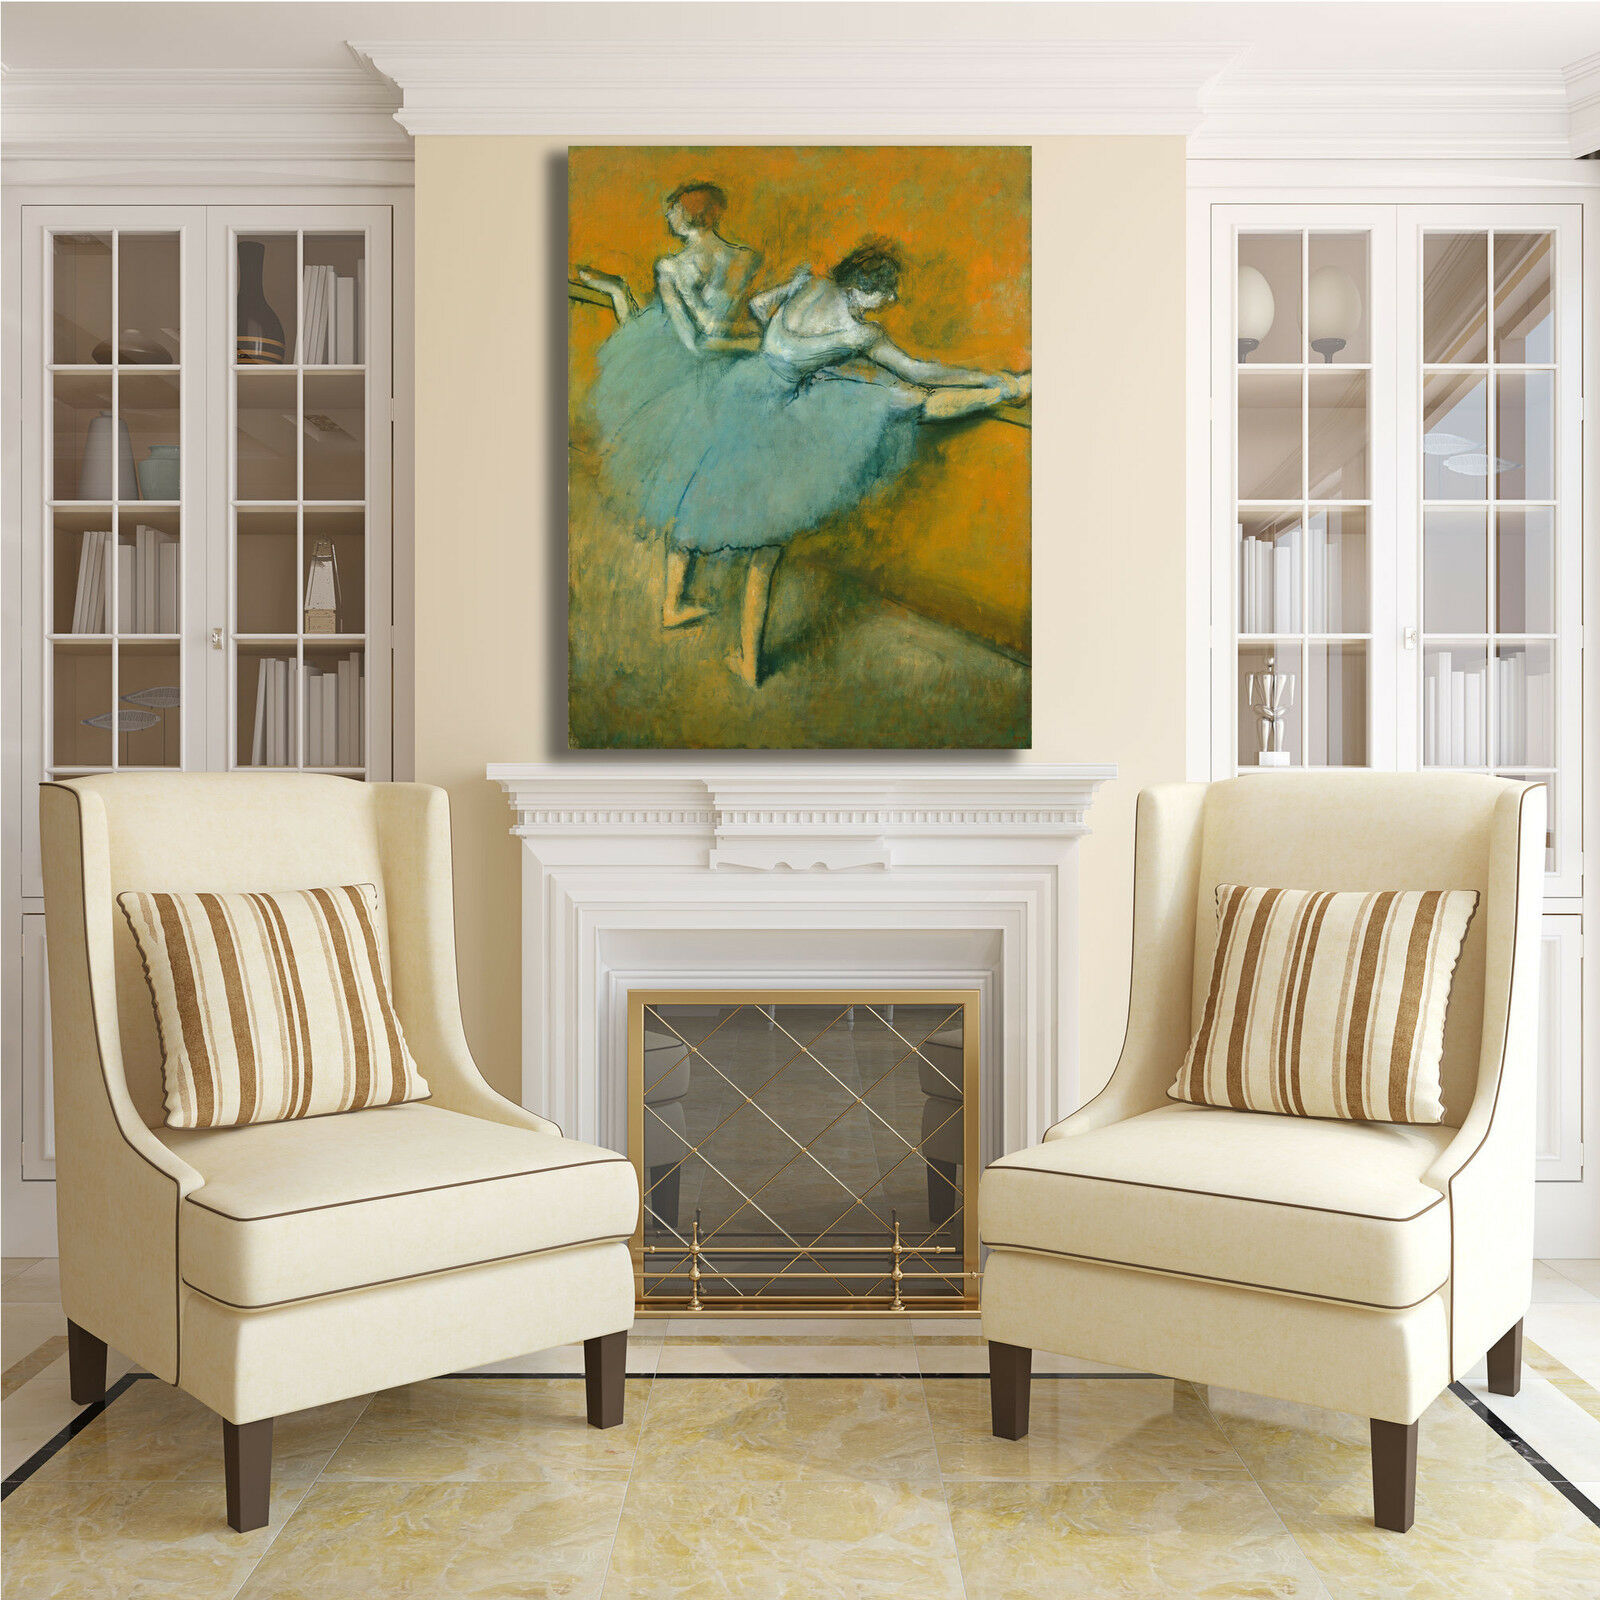 Degas ballerine alla sbarra design quadro stampa tela dipinto dipinto dipinto telaio arroto casa aec6a9